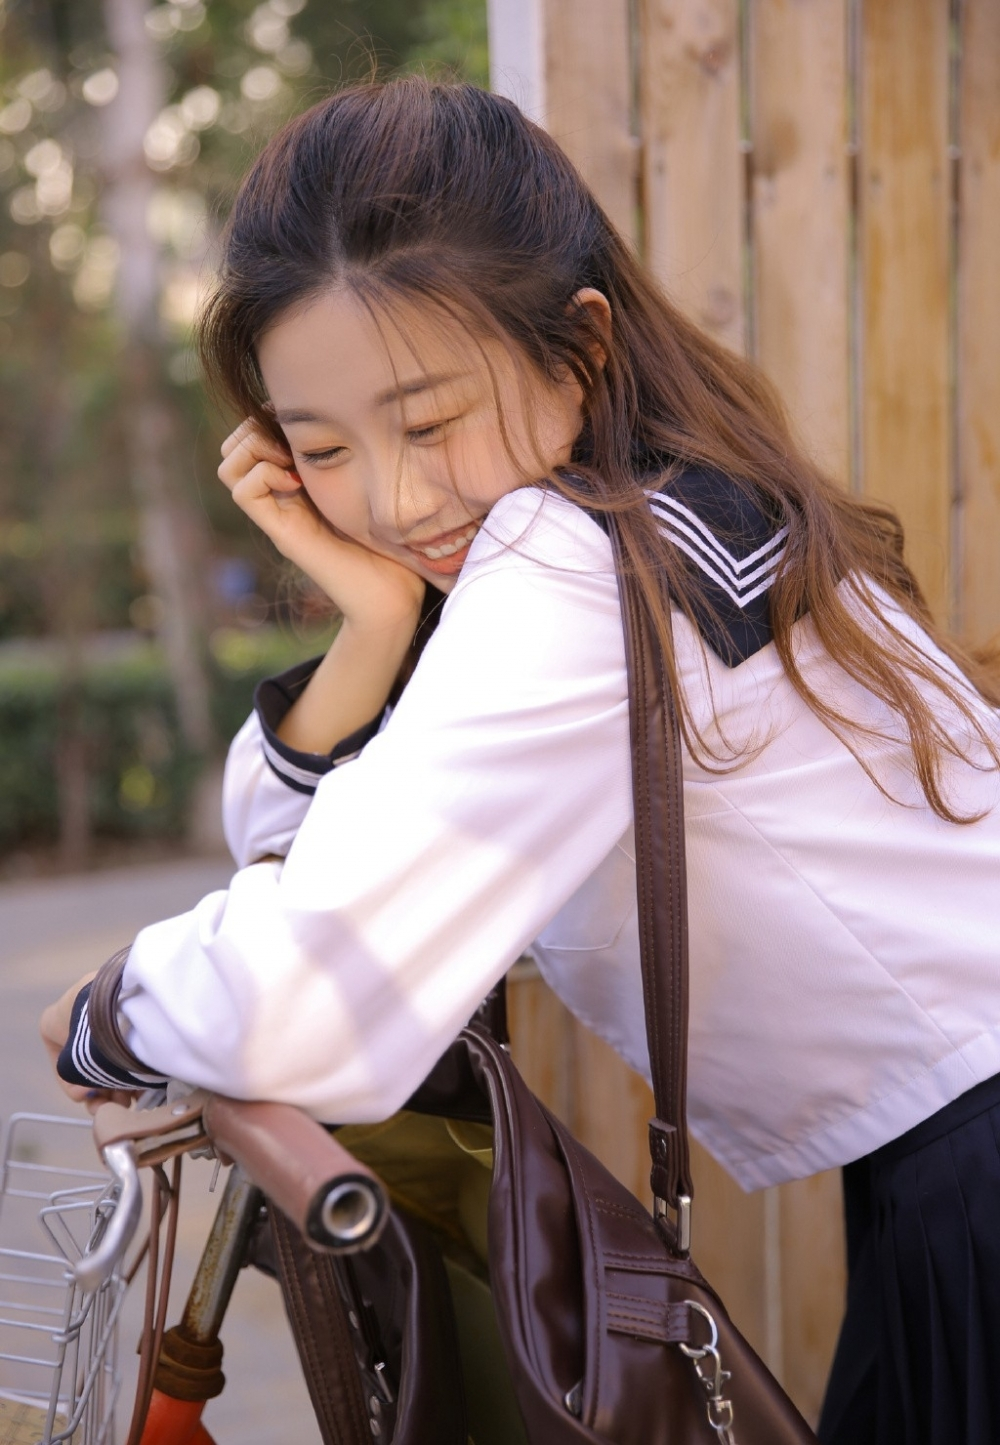 EK-127冬季软萌美女肤若凝脂可爱图片